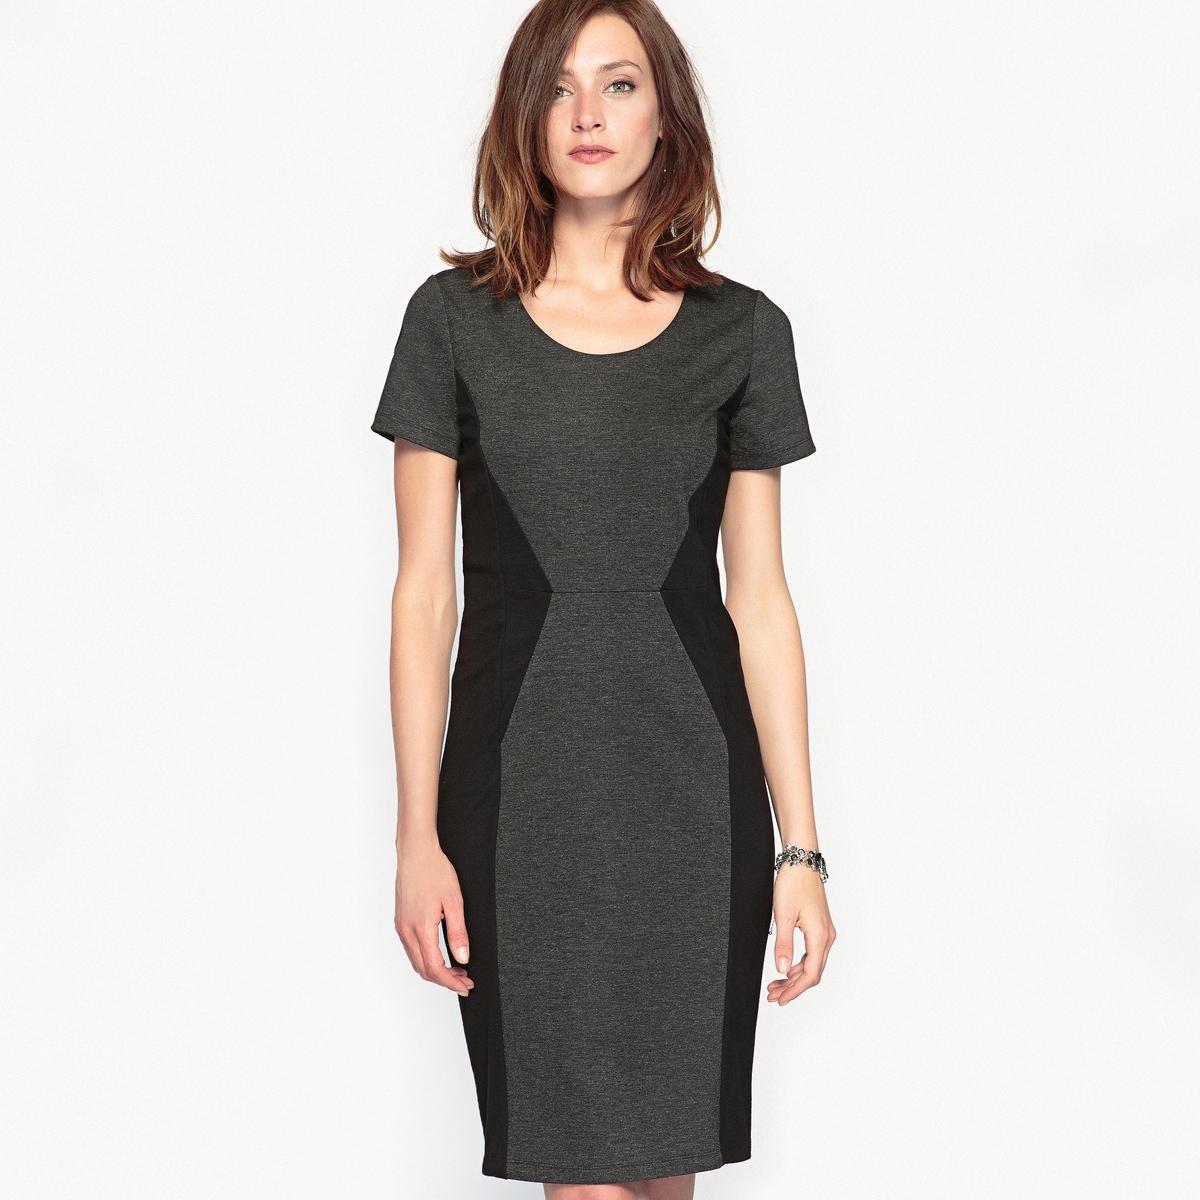 Платье из плотного трикотажа, комфортное, способствующее похудениюДвухцветное платье из плотного трикотажа, комфортное, моделирующее и способствующее похудению благодаря вшитому поясу. Идеальный силуэт ! Широкое внизу платье в талию, отрезные детали на поясе спереди и сзади. Застежка на скрытую молнию сзади. Шлица сзади. Подкладка поддерживающего пояса, 84% полиамида, 16% эластана для эффекта похудения.Состав и описание :Материал : плотный трикотаж, 70% вискозы, 26% полиамида, 4% эластана.Подкладка : 100% полиэстер. Длина : 91 см.    Марка : Anne WeyburnУход :Машинная стирка при 30 °С в умеренном режиме.Гладить при низкой температуре.<br><br>Цвет: серый меланж/черный<br>Размер: 38 (FR) - 44 (RUS).46 (FR) - 52 (RUS).42 (FR) - 48 (RUS)